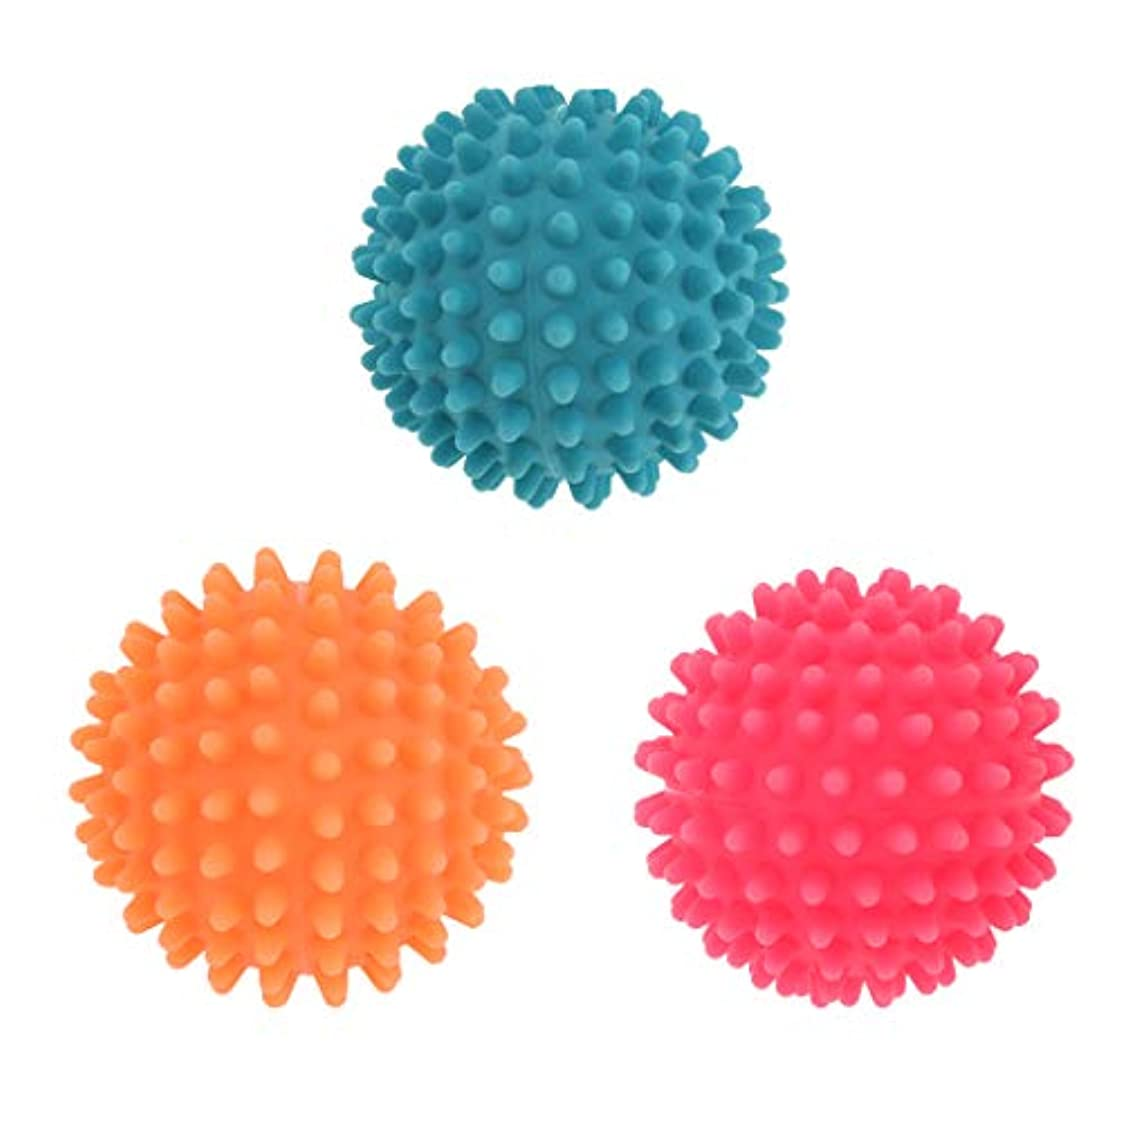 ピジン結び目弾薬3個 マッサージボール ヨガボール 触覚ボール ツボ押しグッズ 直径7cm